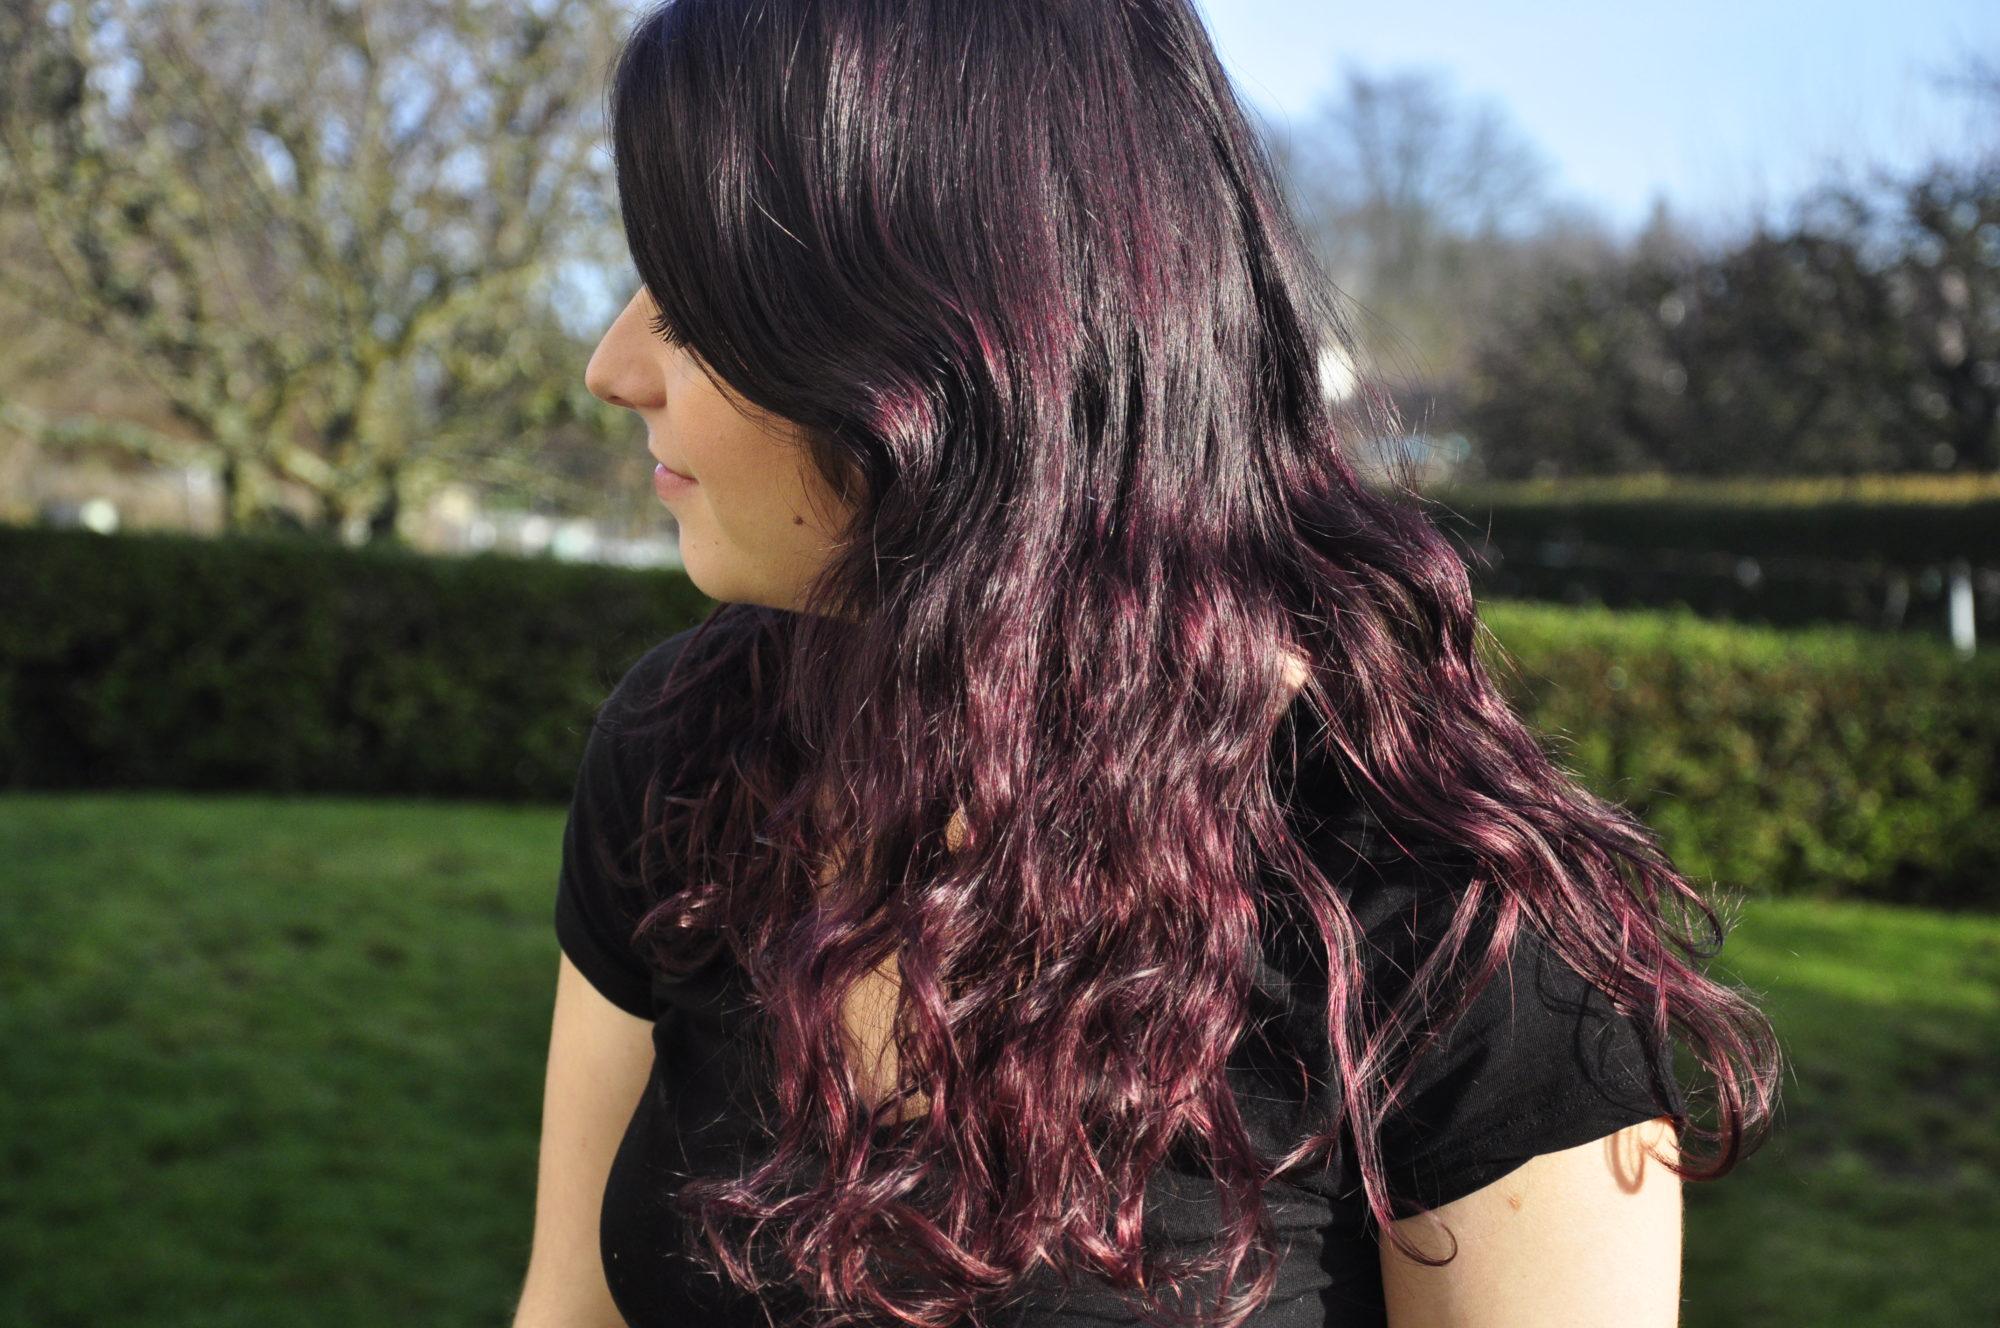 bref jai les cheveux violets prune rglisse myrtilles - Coloration Violine Sur Cheveux Noir